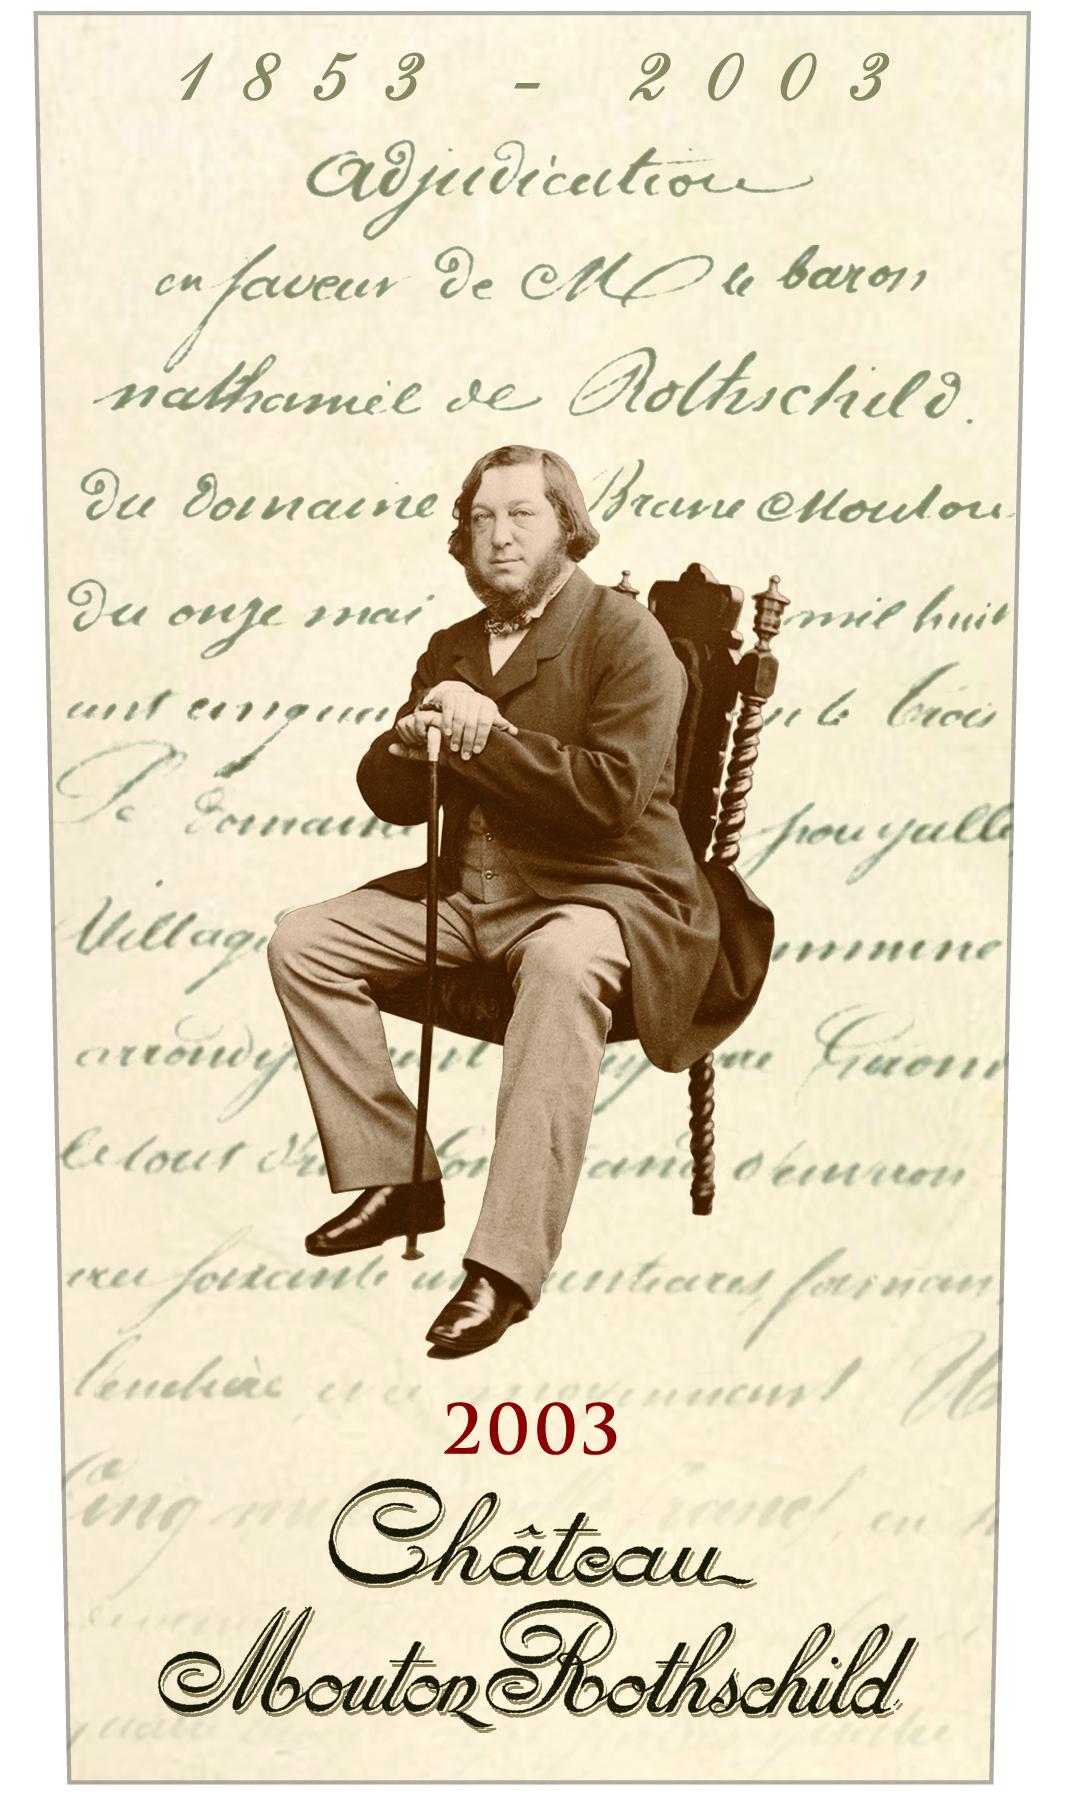 Etiquette Mouton Rothschild 2003